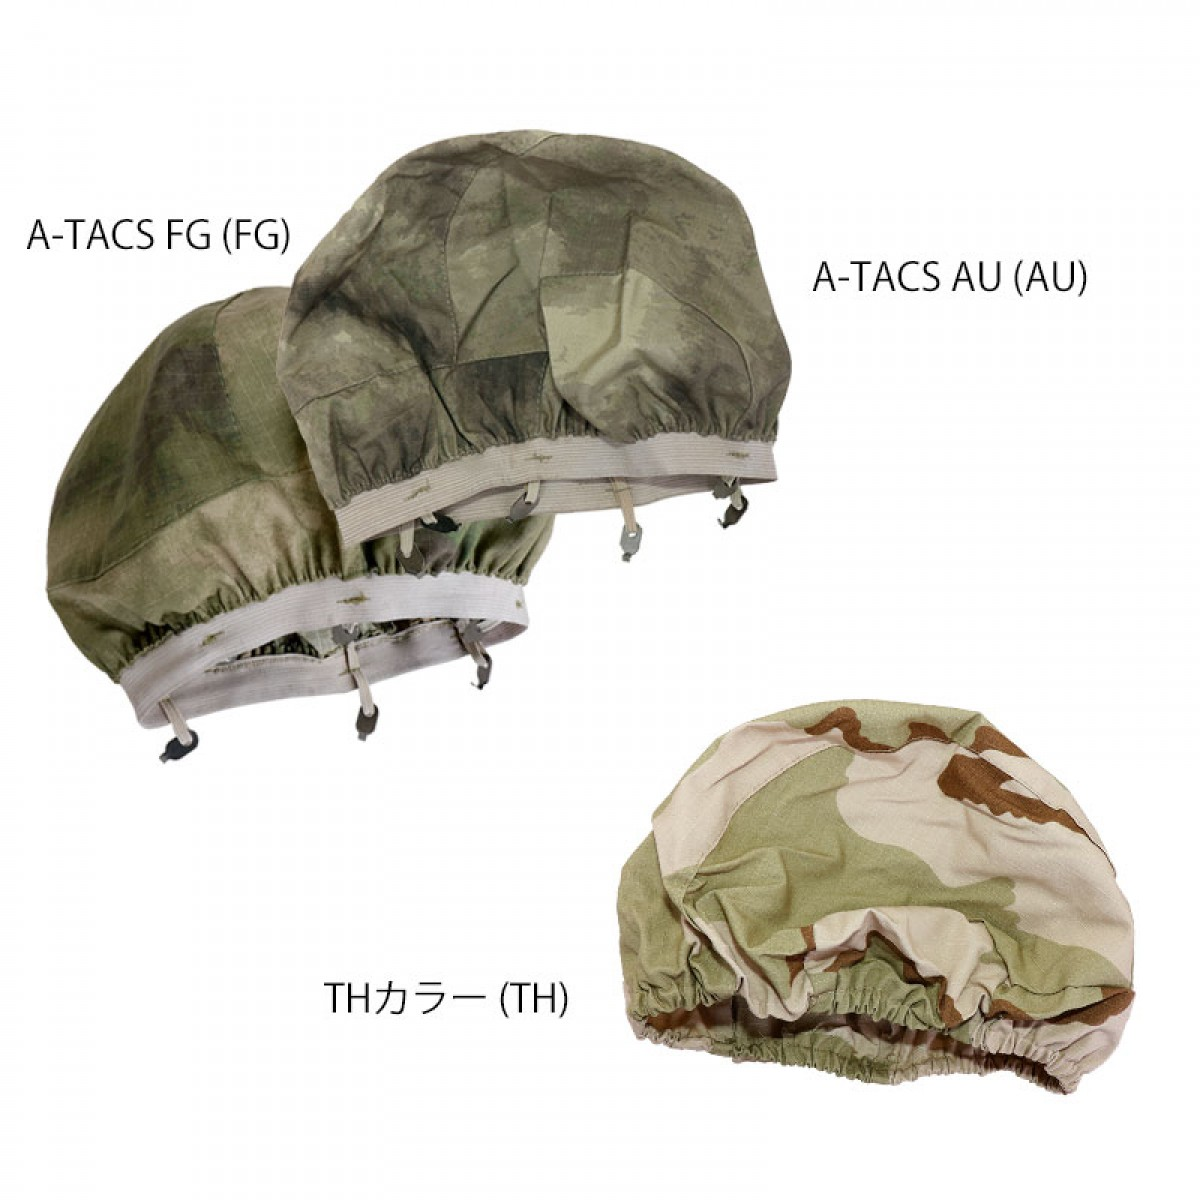 US軍隊 SWAT フリッツヘルメット用 カバー 10色(マルチカム/ウッドランド/THカラー/A-TACS AU/A-TACS FG/ピクセルグリーン/ピクセルブラウン/ACU/マンドレイク/タイフン)